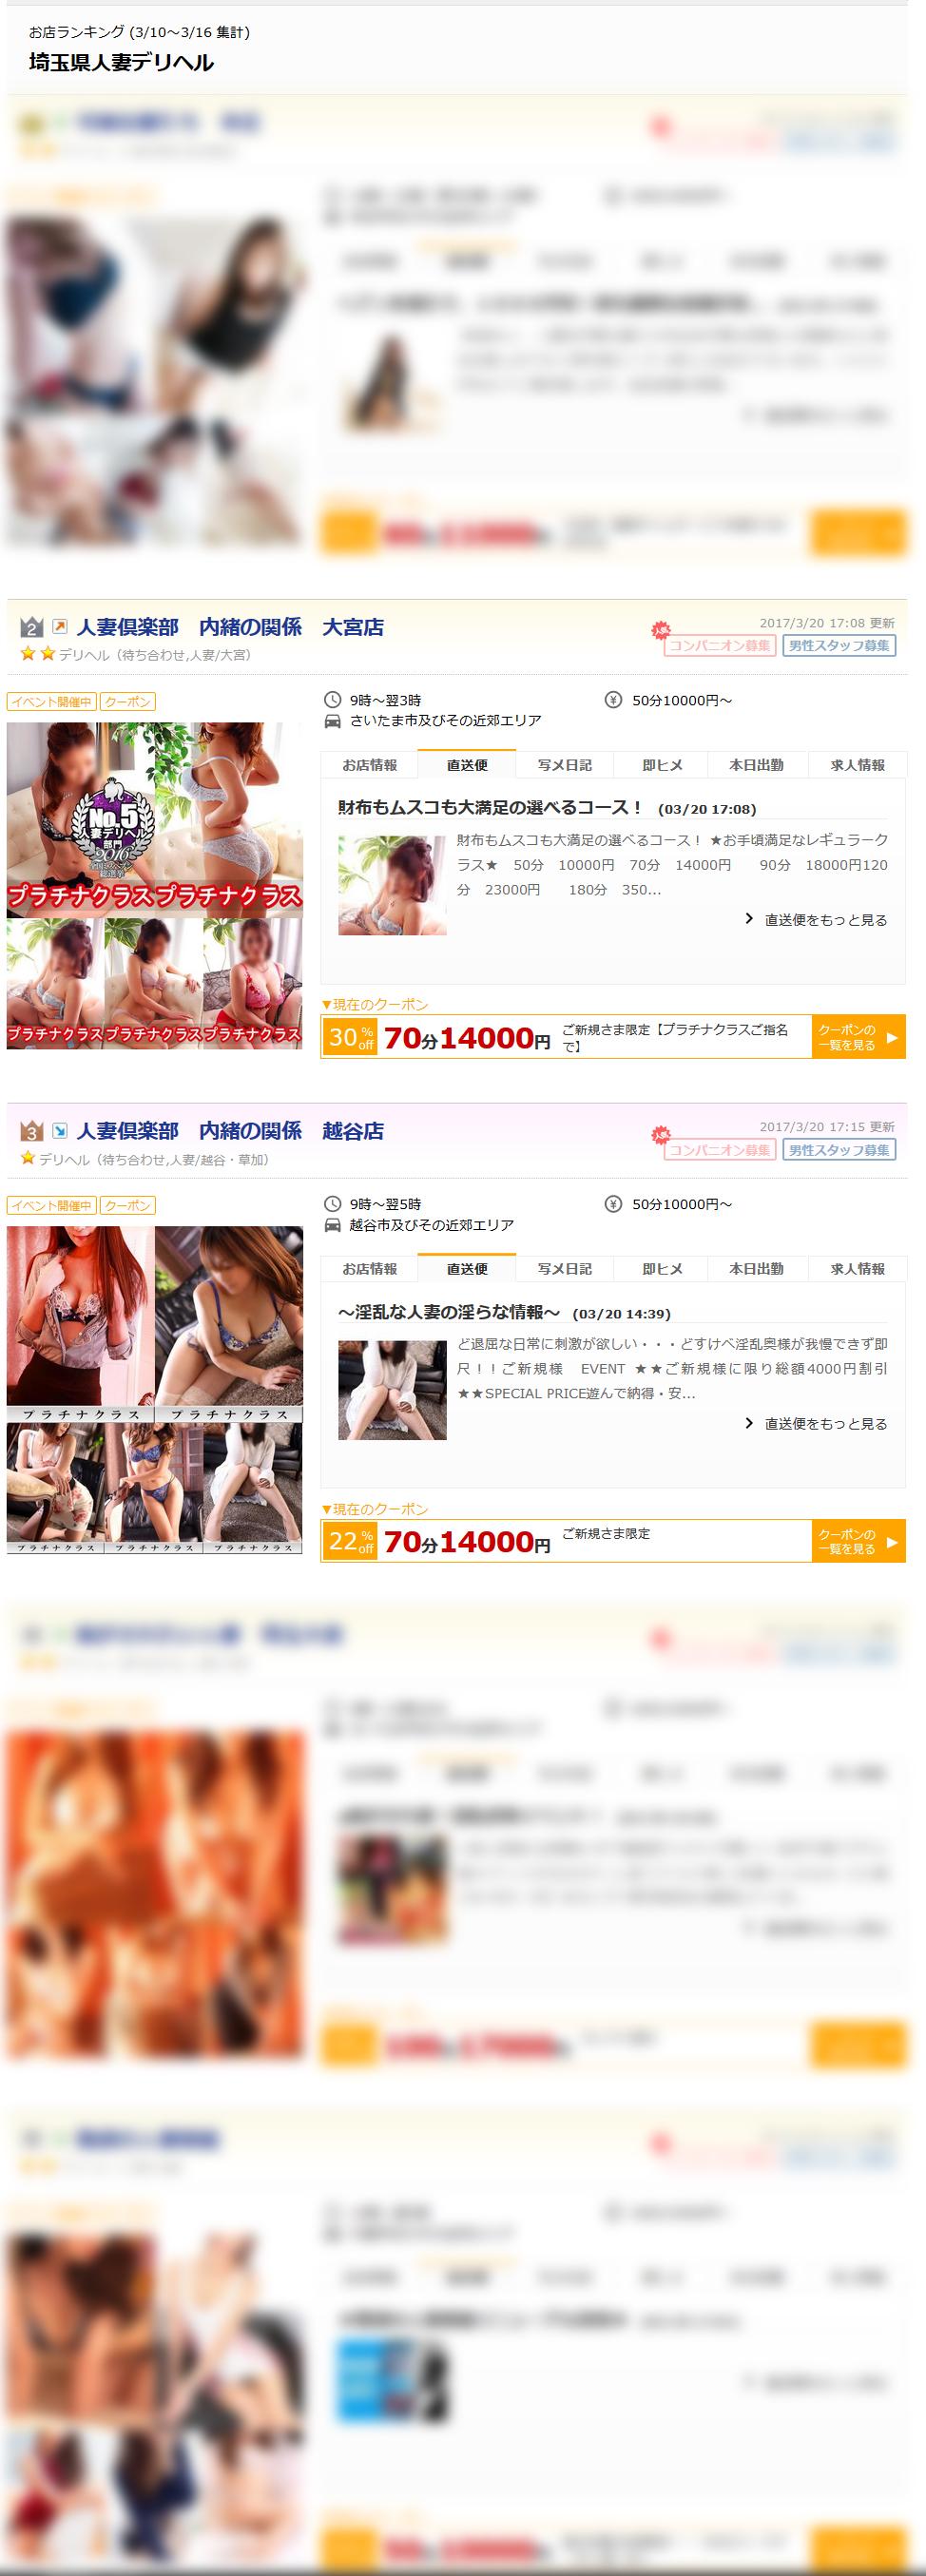 埼玉県人妻デリヘルお店ランキング2017-03-20